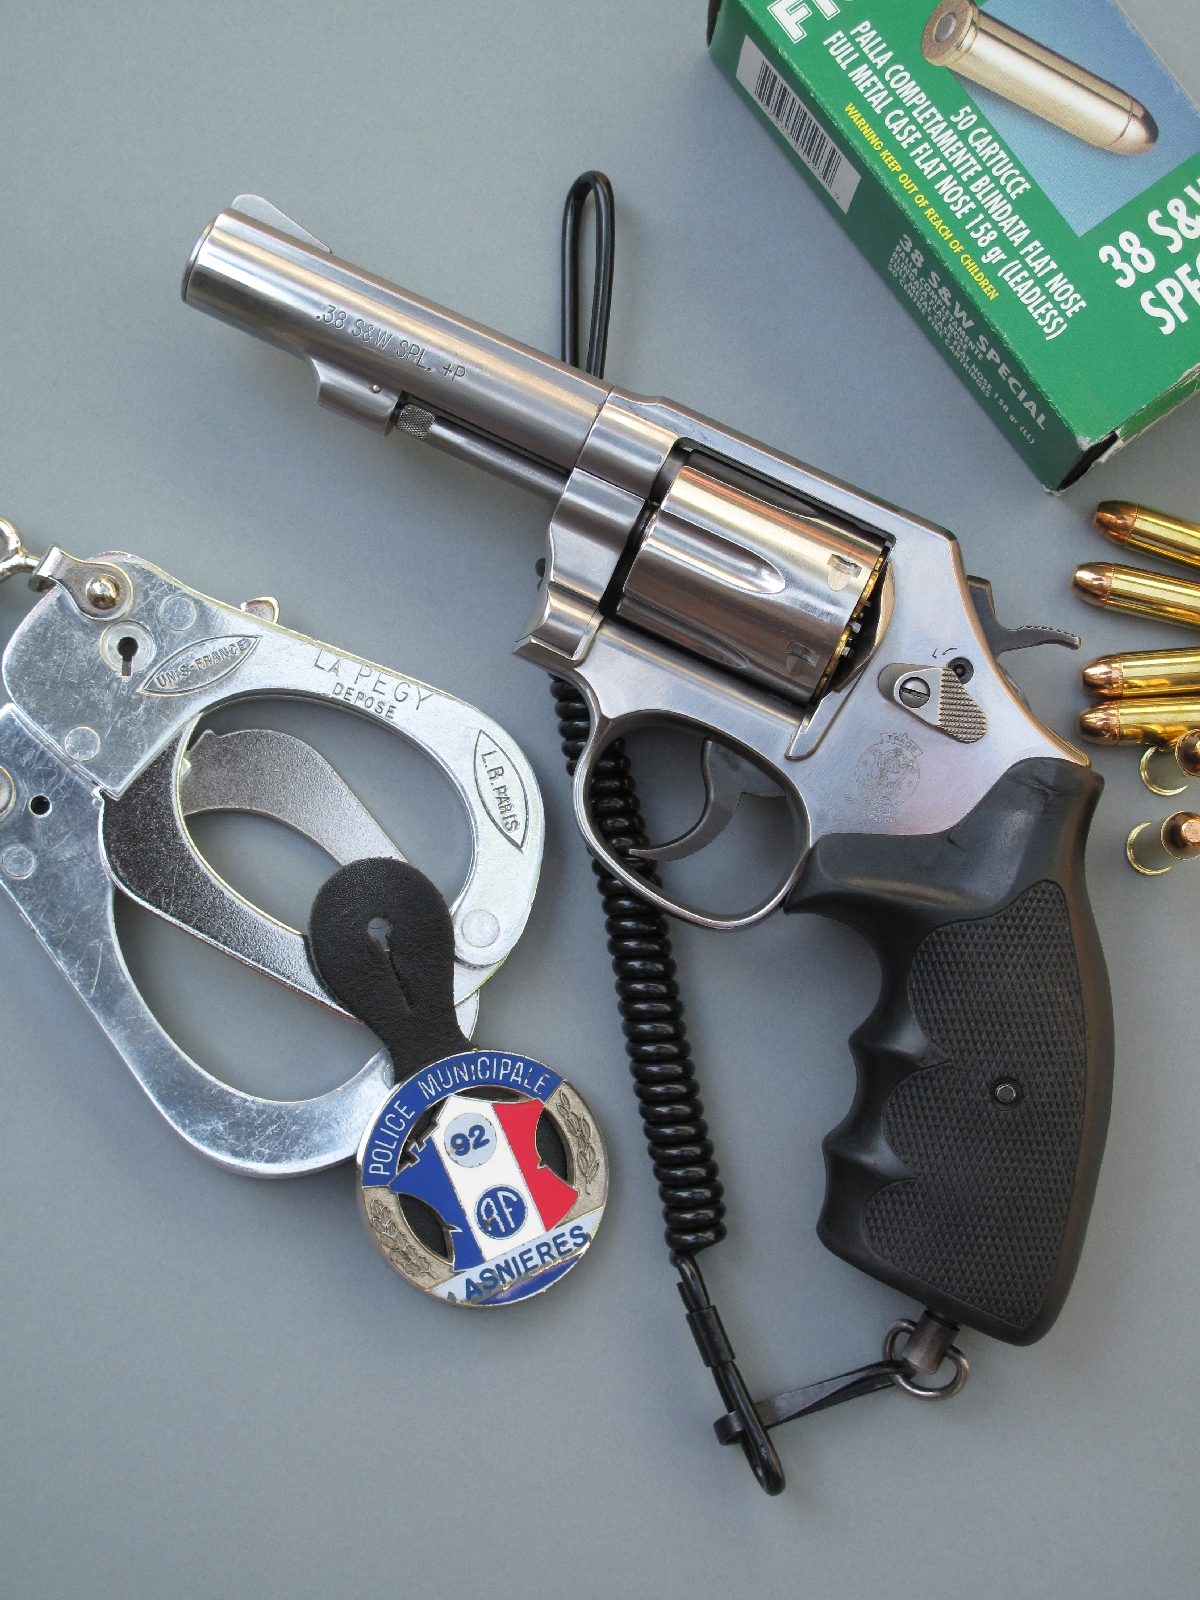 Le revolver Smith & Wesson modèle 64 est accompagné ici d'une paire de menottes, d'un badge de la police municipale et d'une boîte de cartouches de calibre .38 Special manufacturées par la firme italienne Fiocchi.